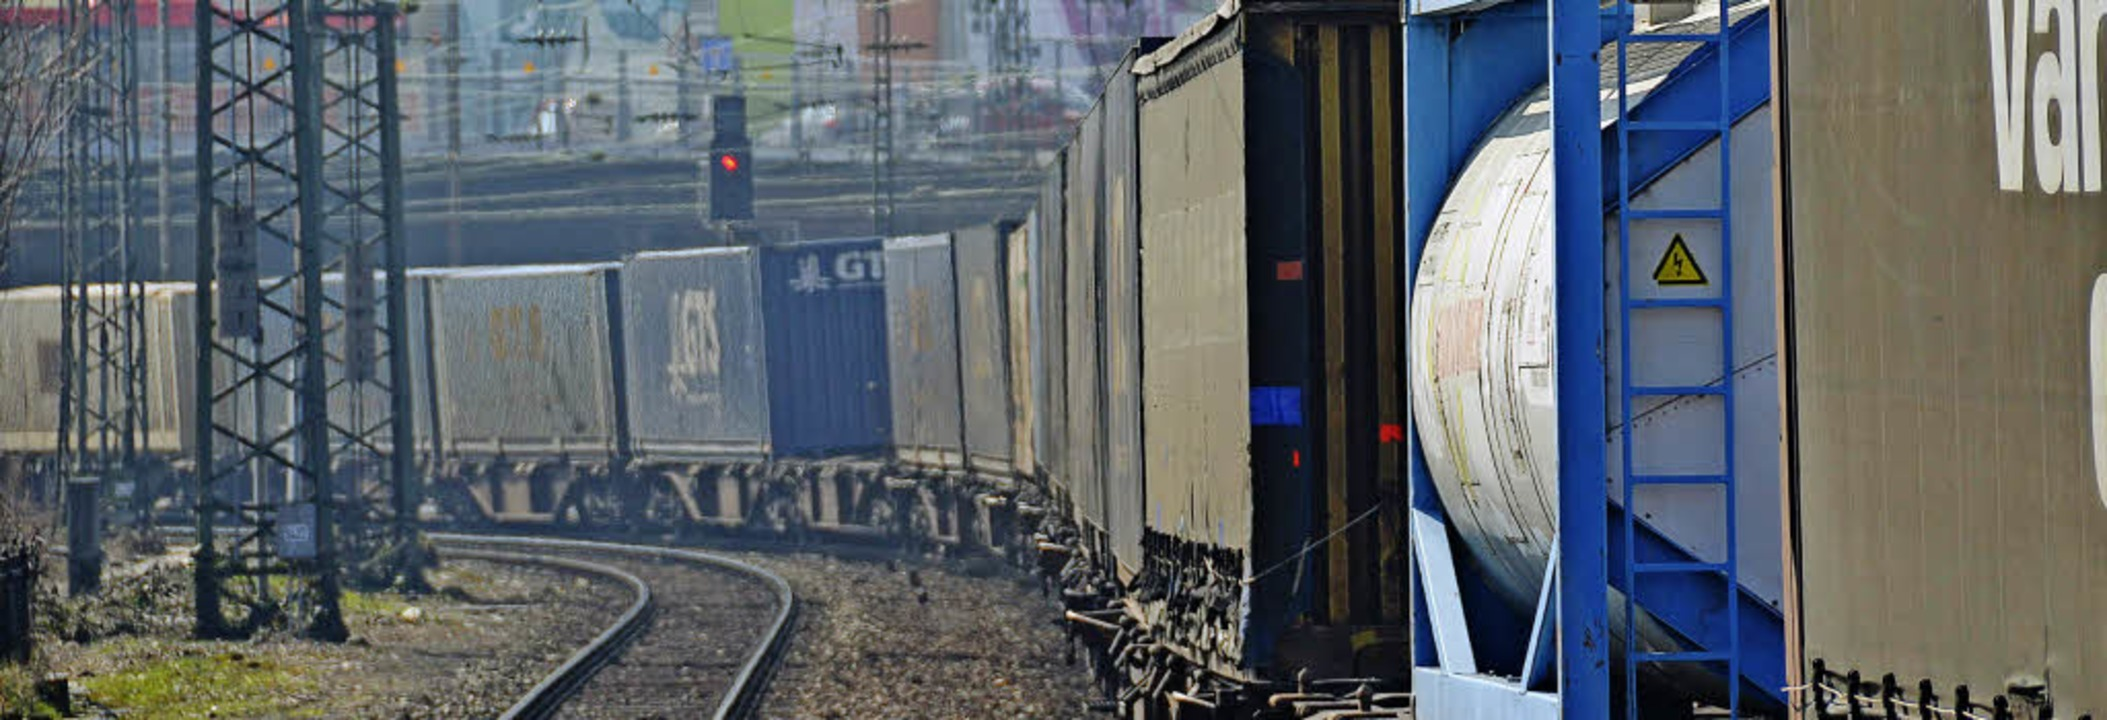 Ein Bild, das den Offenburgern nebst d...alten bleibt: Güterzug im Bahngraben.     Foto: Helmut Seller